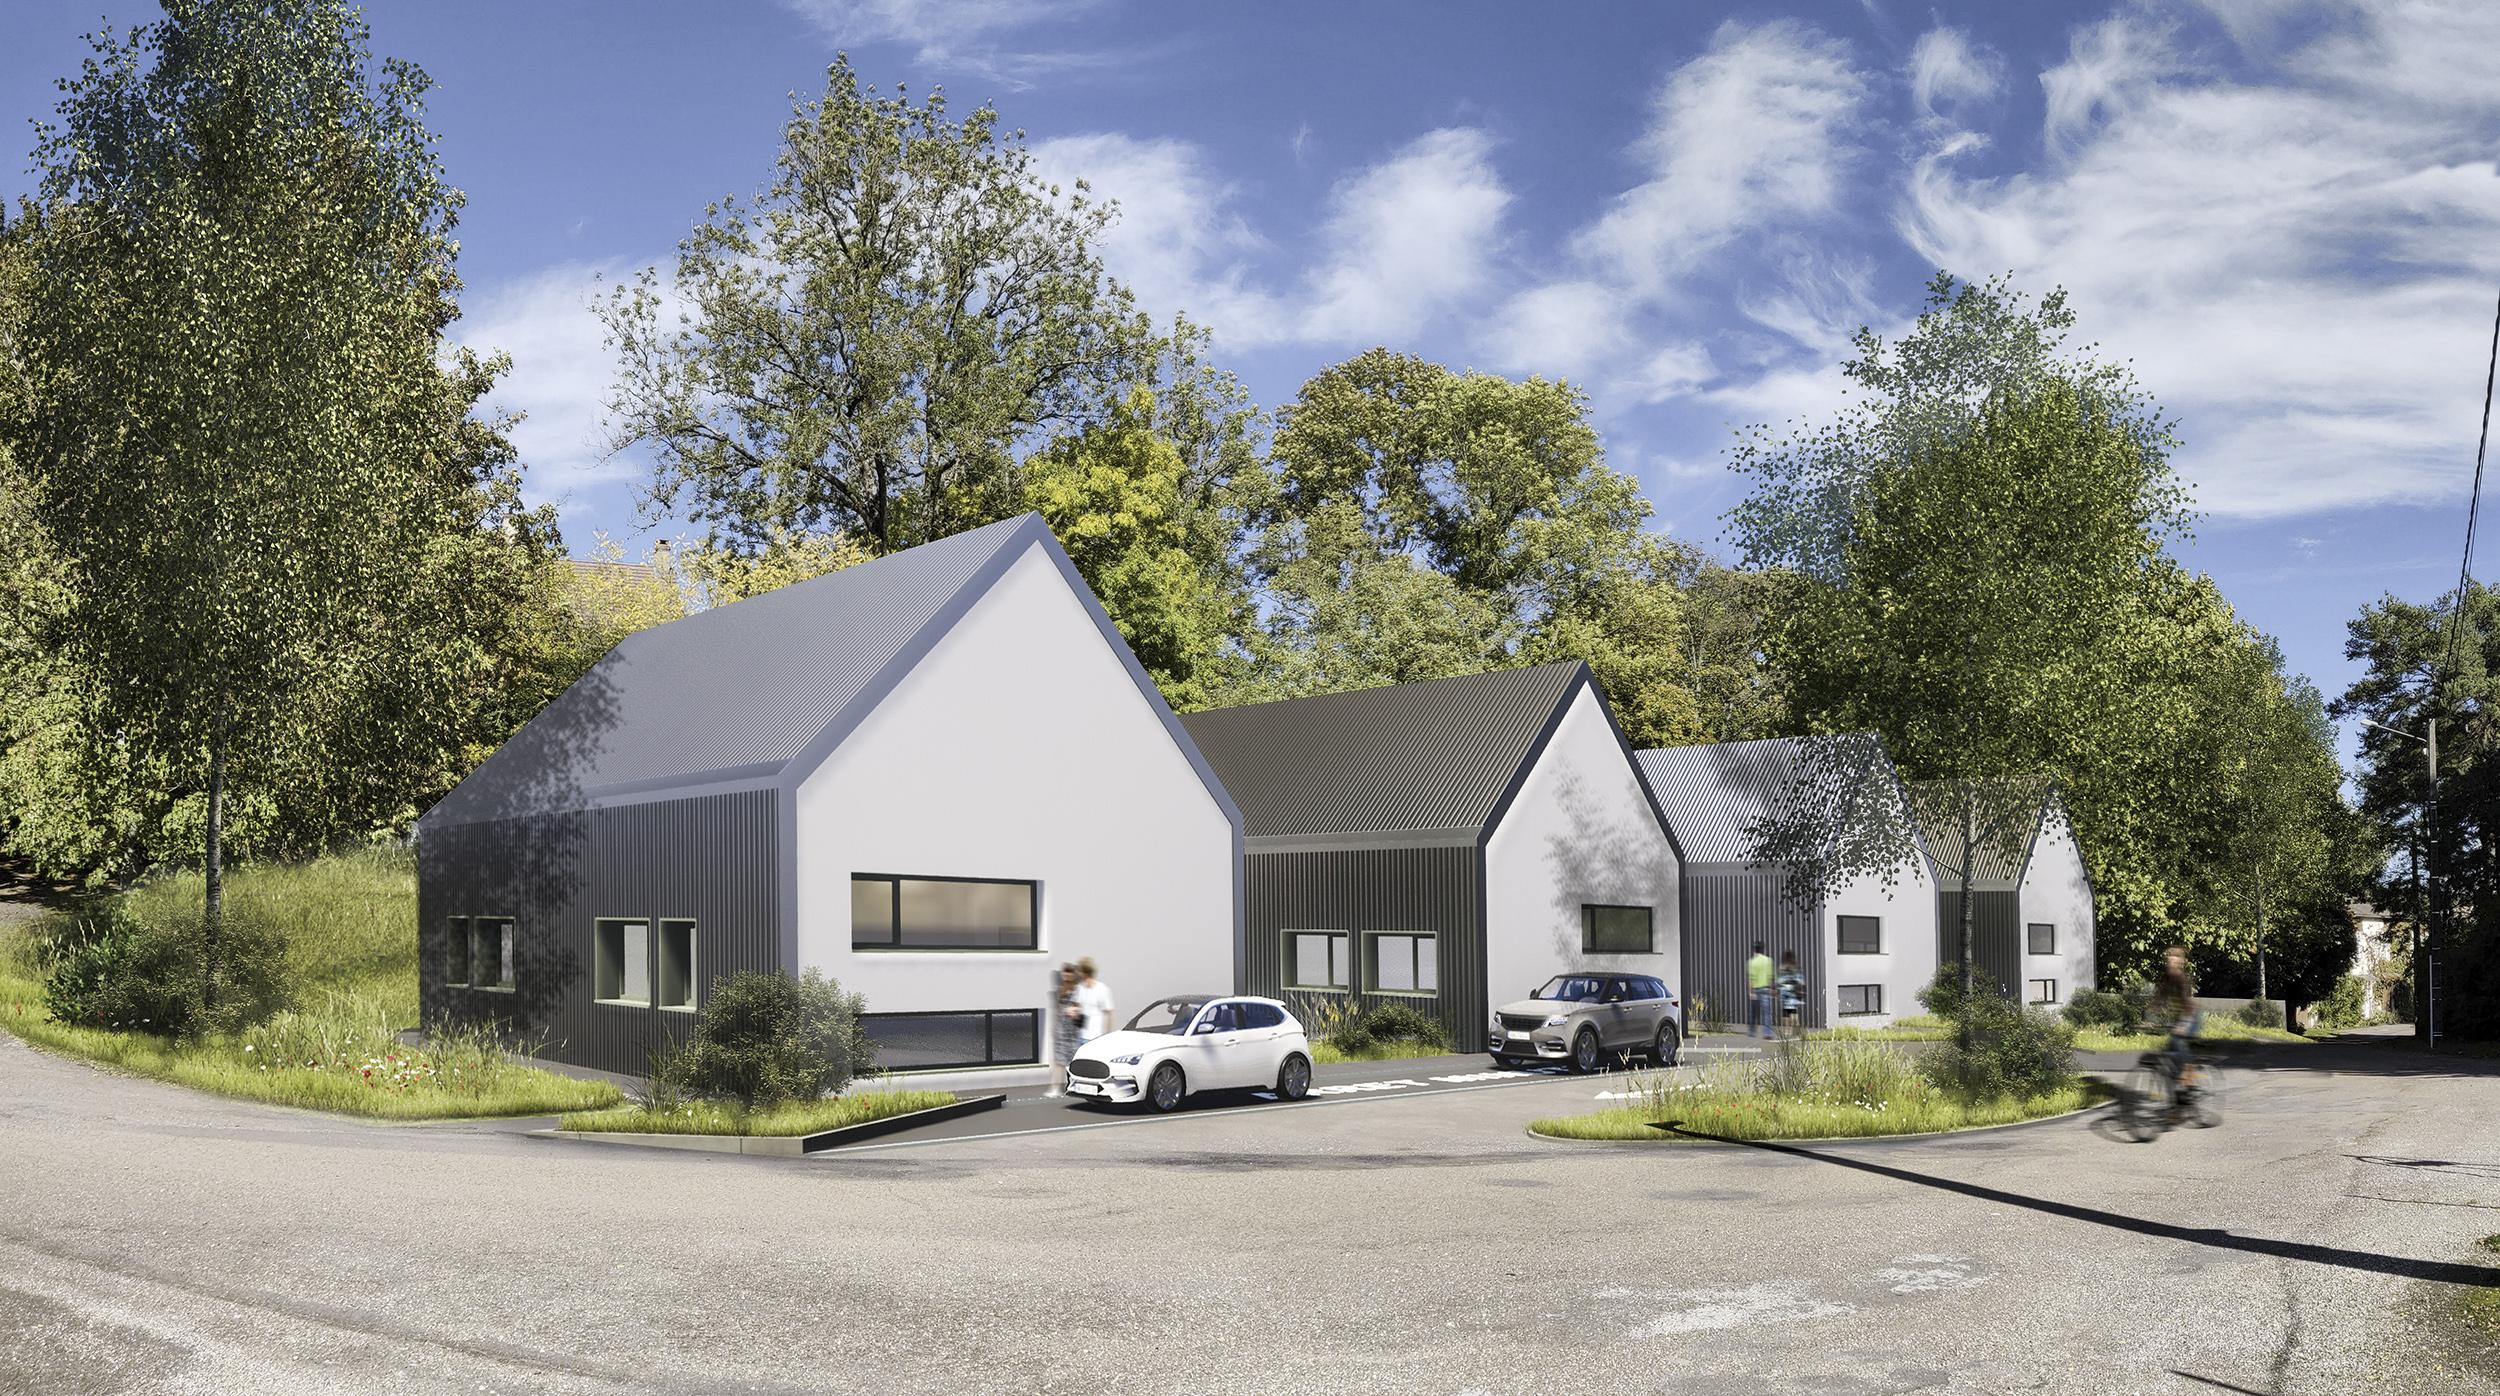 Chouette architecture - maison de santé pluridisciplinaire - saint-seine-l'abbaye - 2000 1